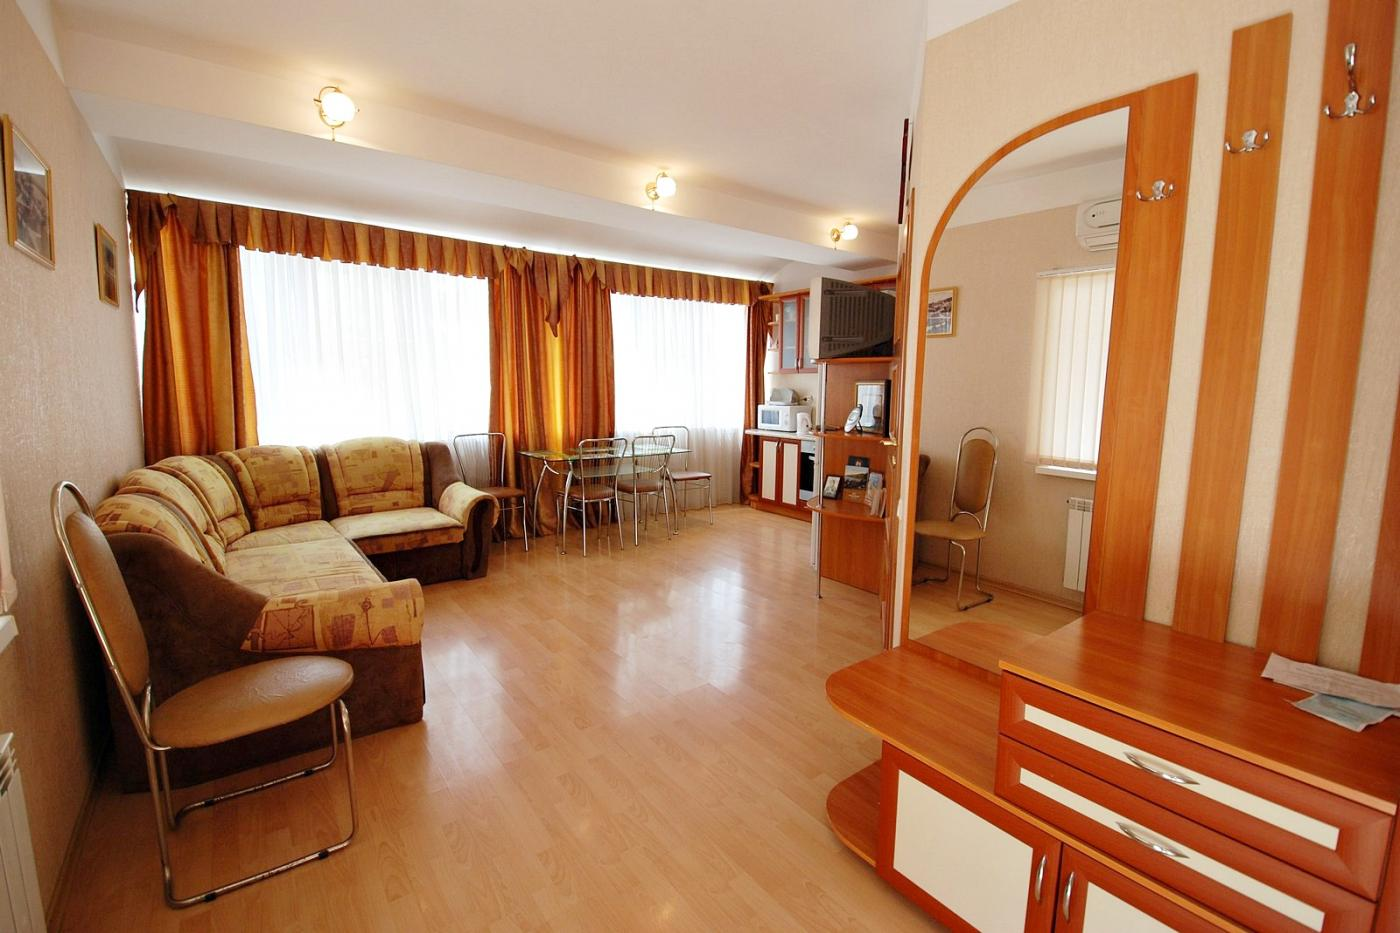 2-комнатный Коттедж посуточно (вариант № 1188), ул. Щербака улица, фото № 3